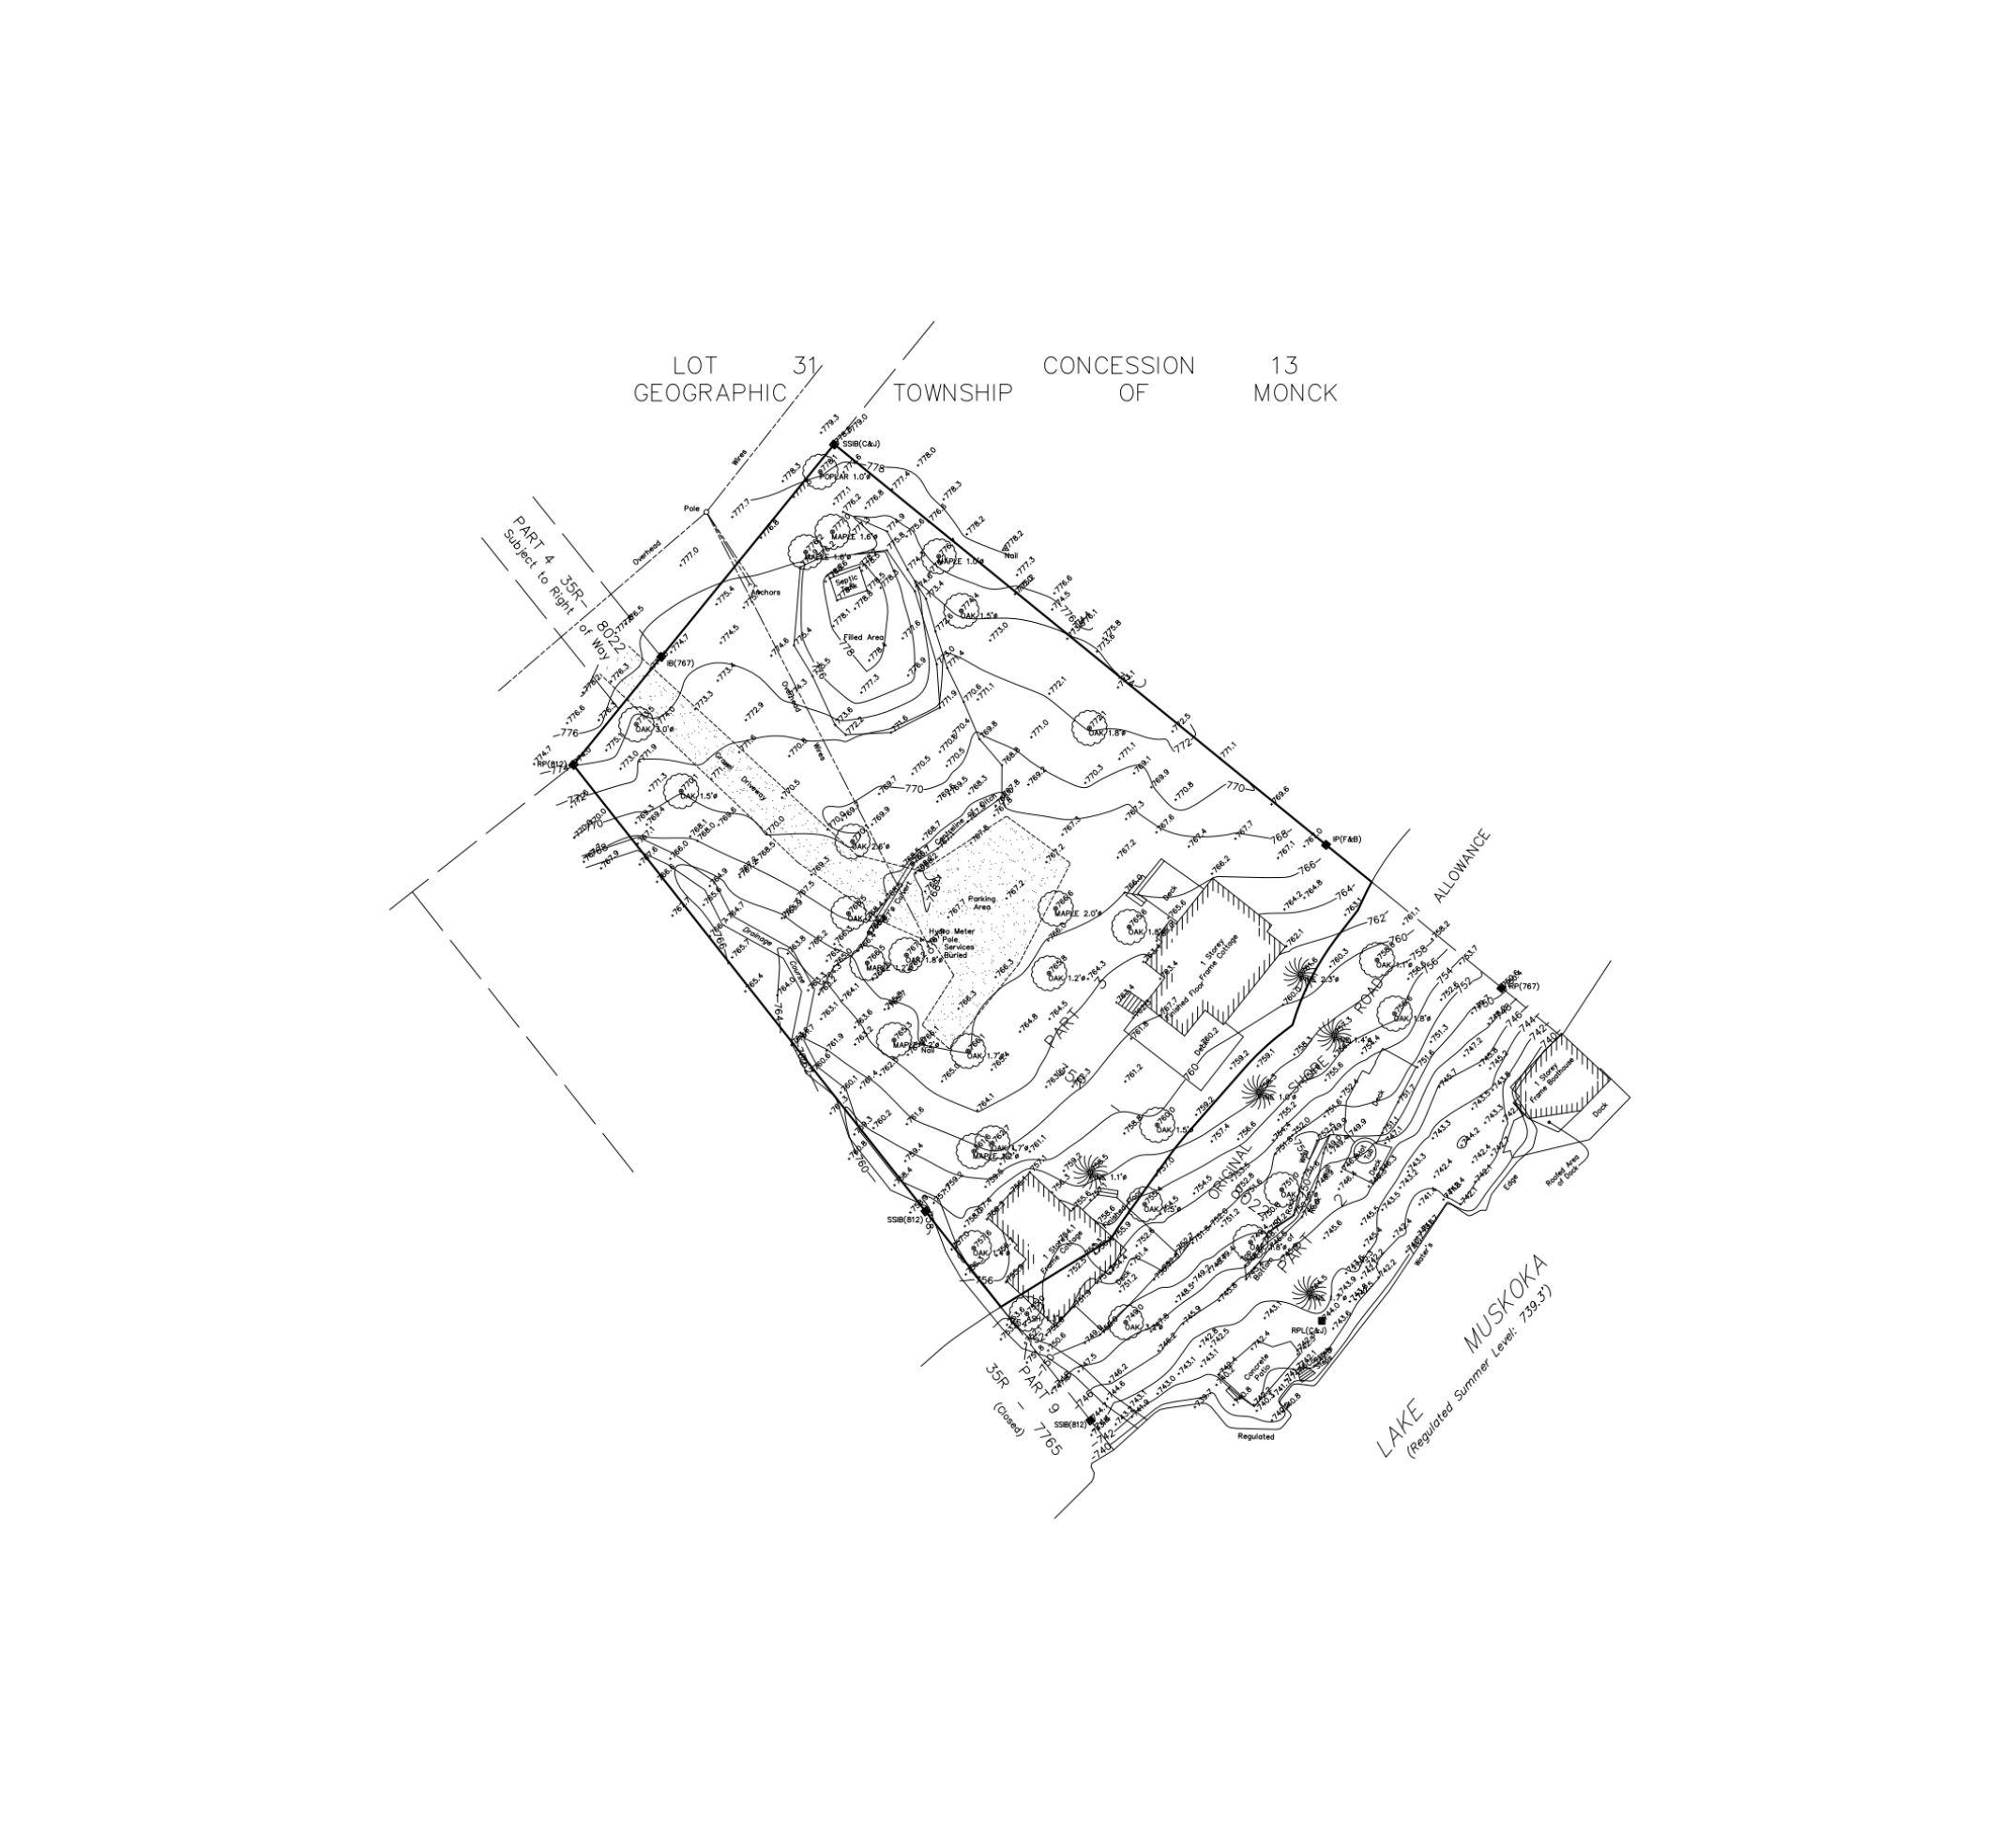 turkel_modern_design_prefab_feasibility_study.JPG